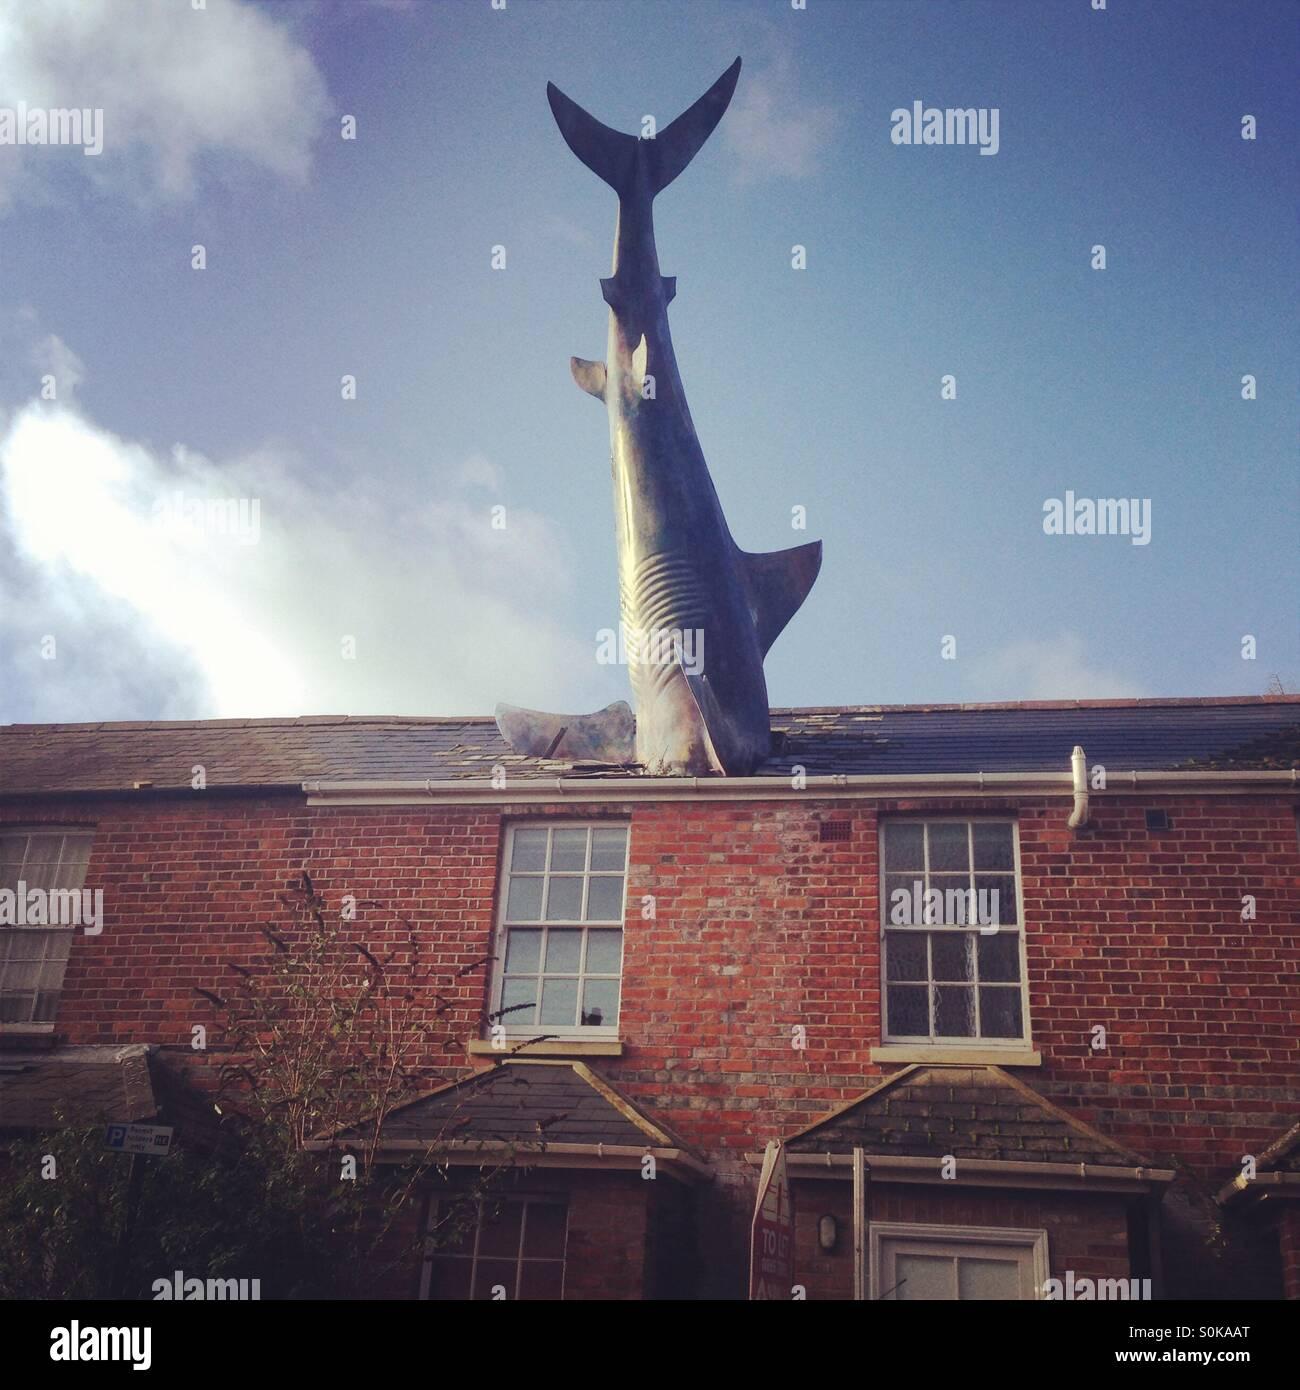 Real Shark Stock Photos & Real Shark Stock Images - Alamy